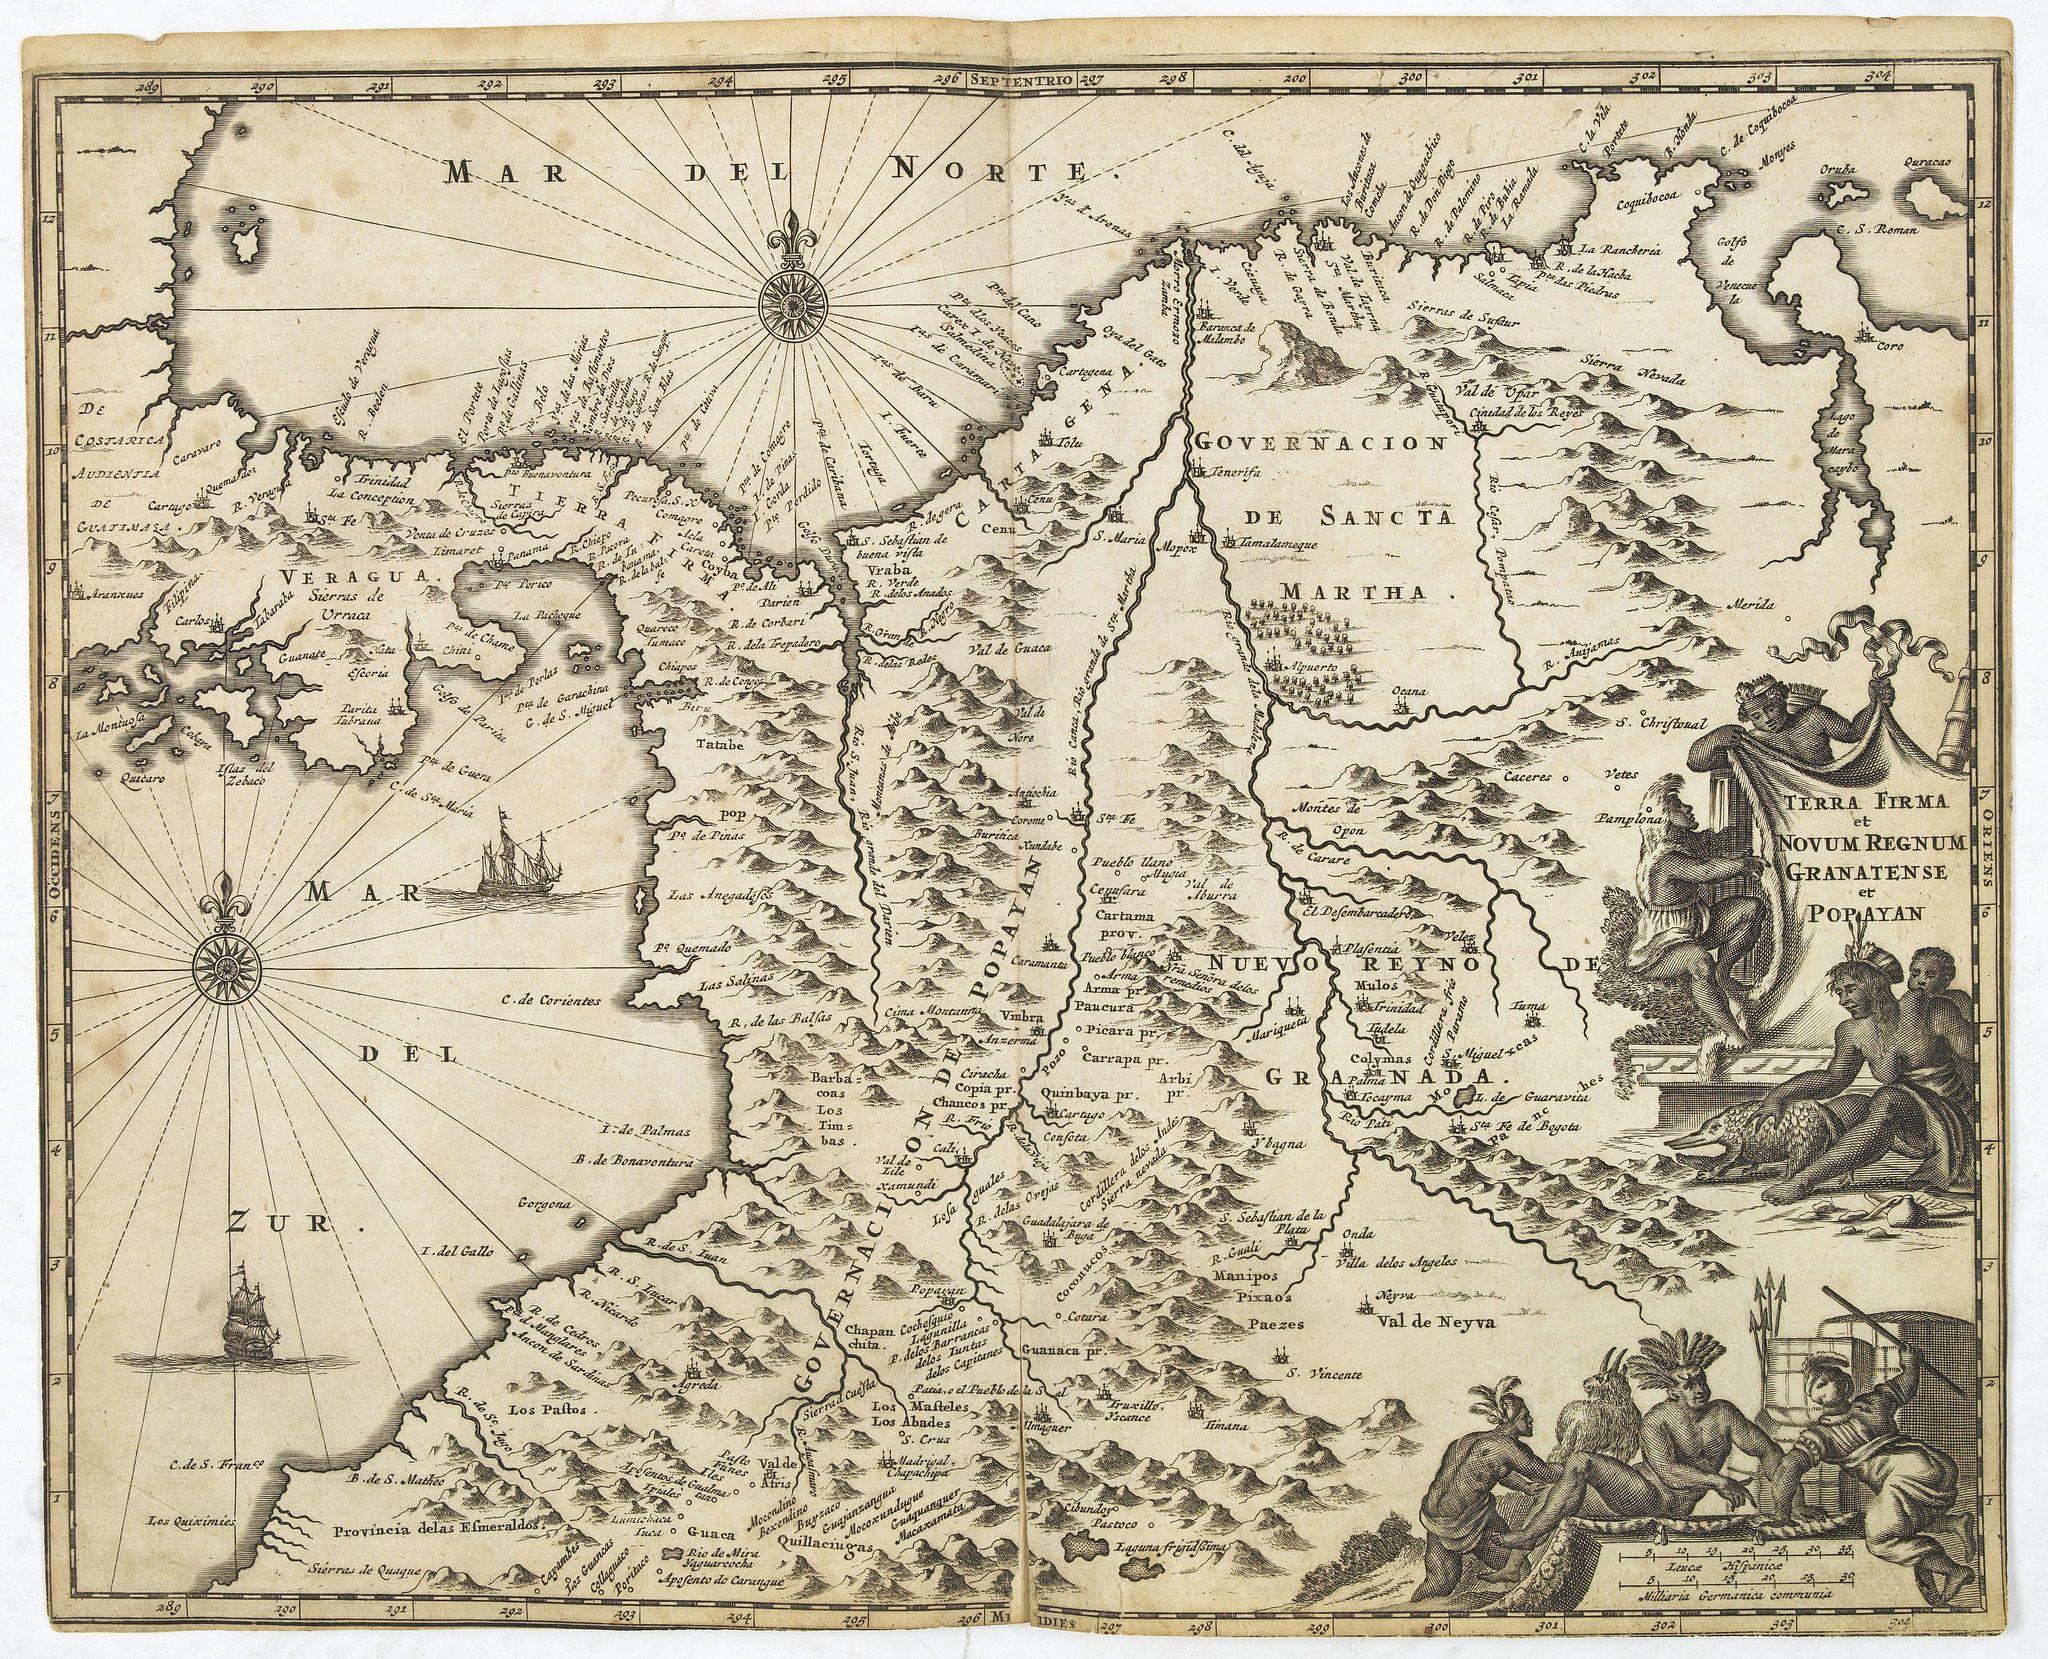 MONTANUS, A. -  Terra Firma et Novum Regnum Granatense et Popayan.